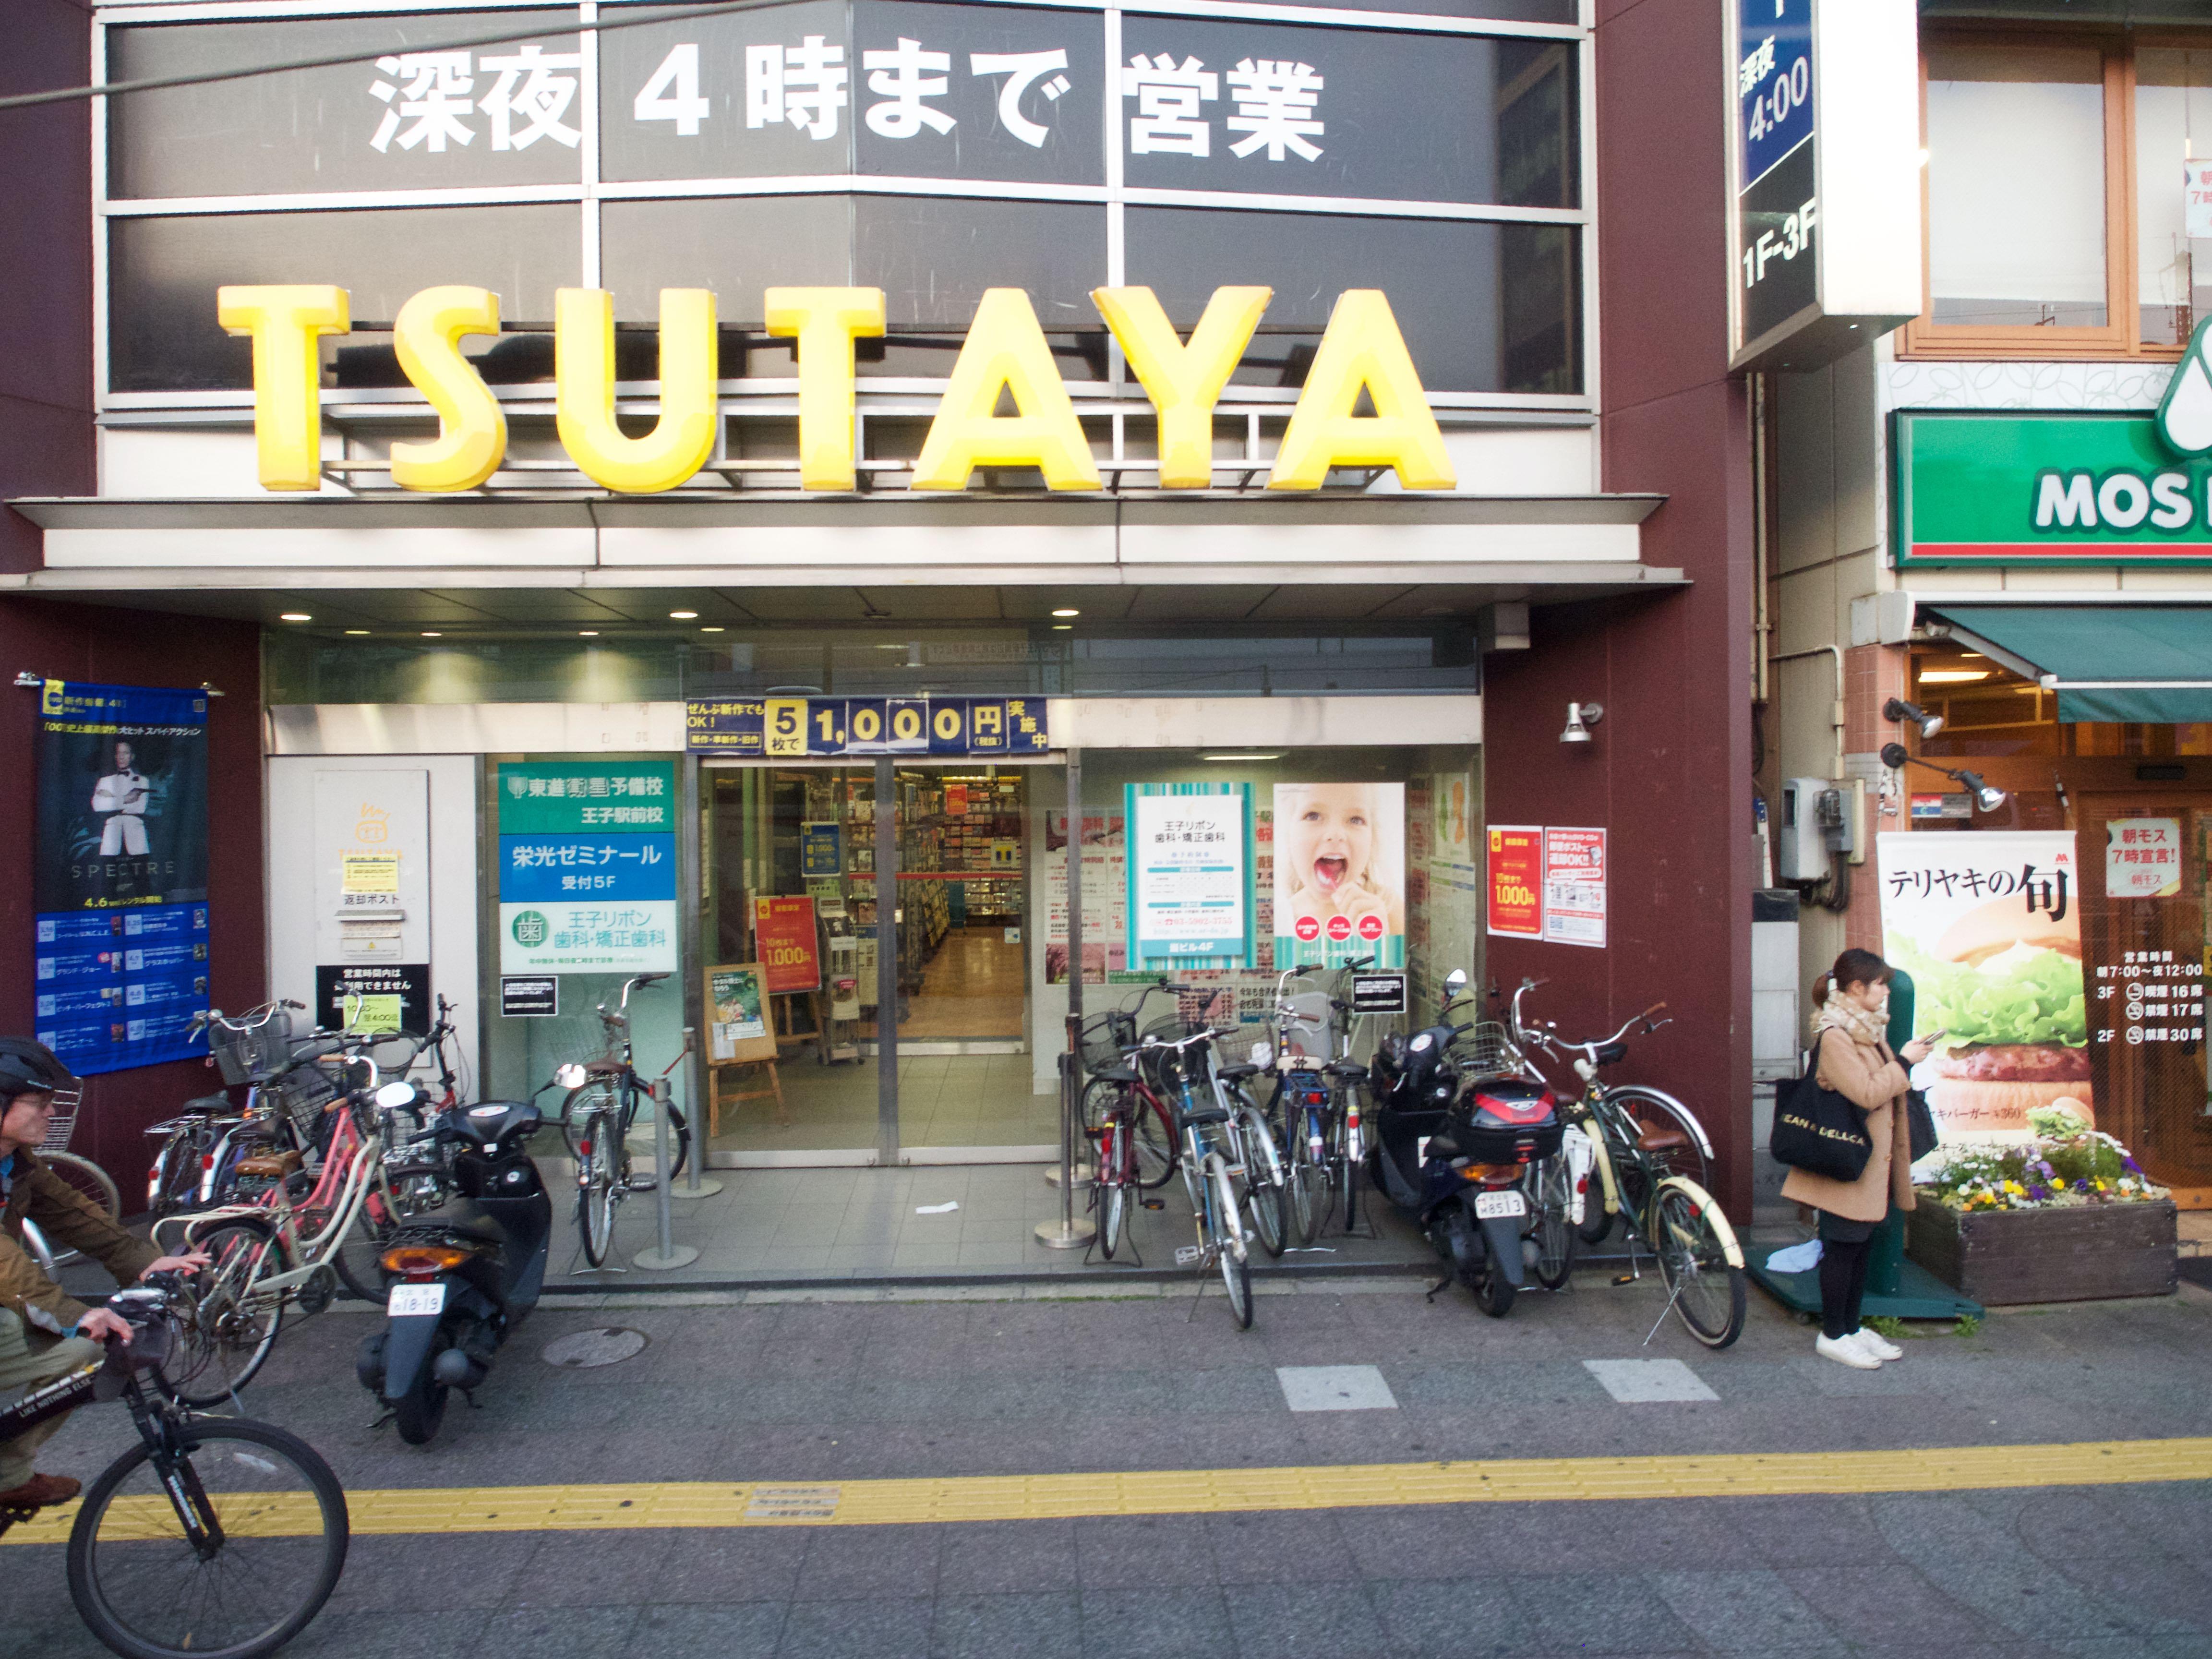 営業 tsutaya